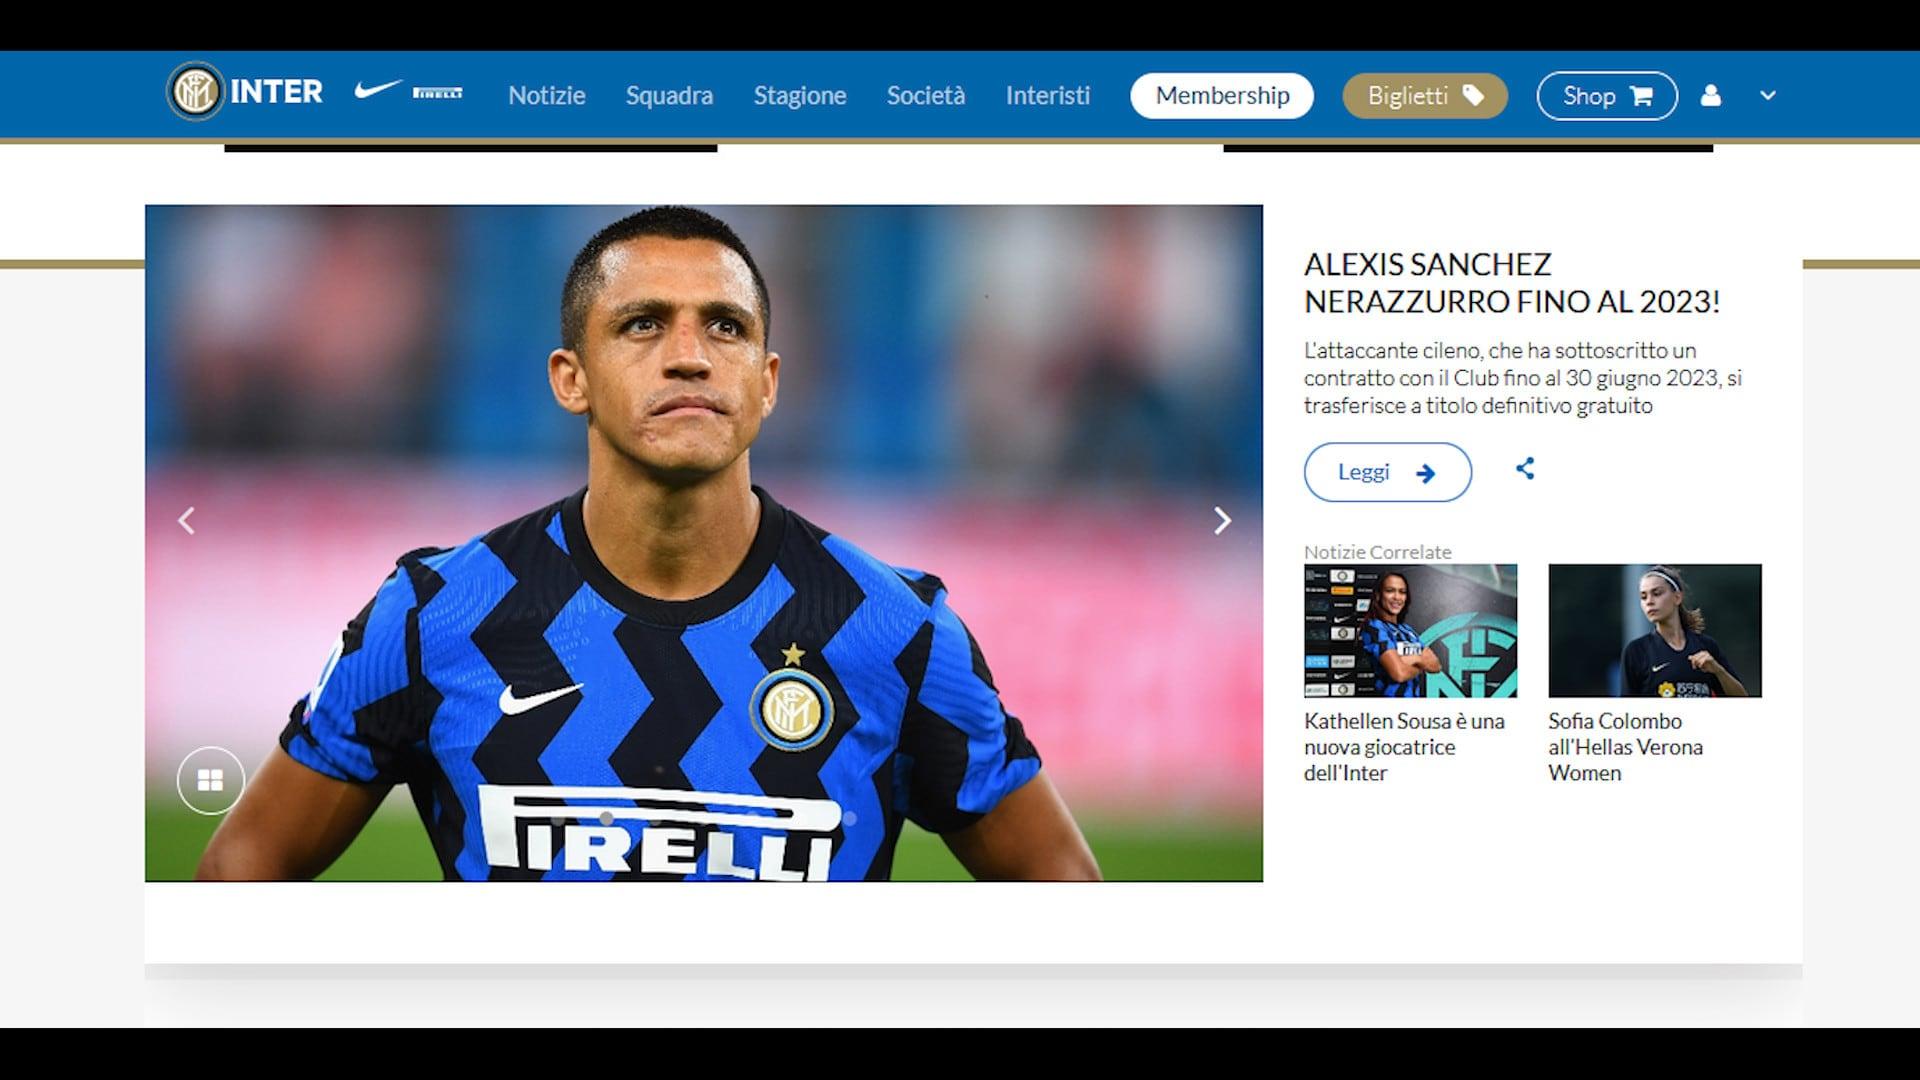 Ufficale, l'Inter annuncia l'acquisto di Sanchez fino al 2023